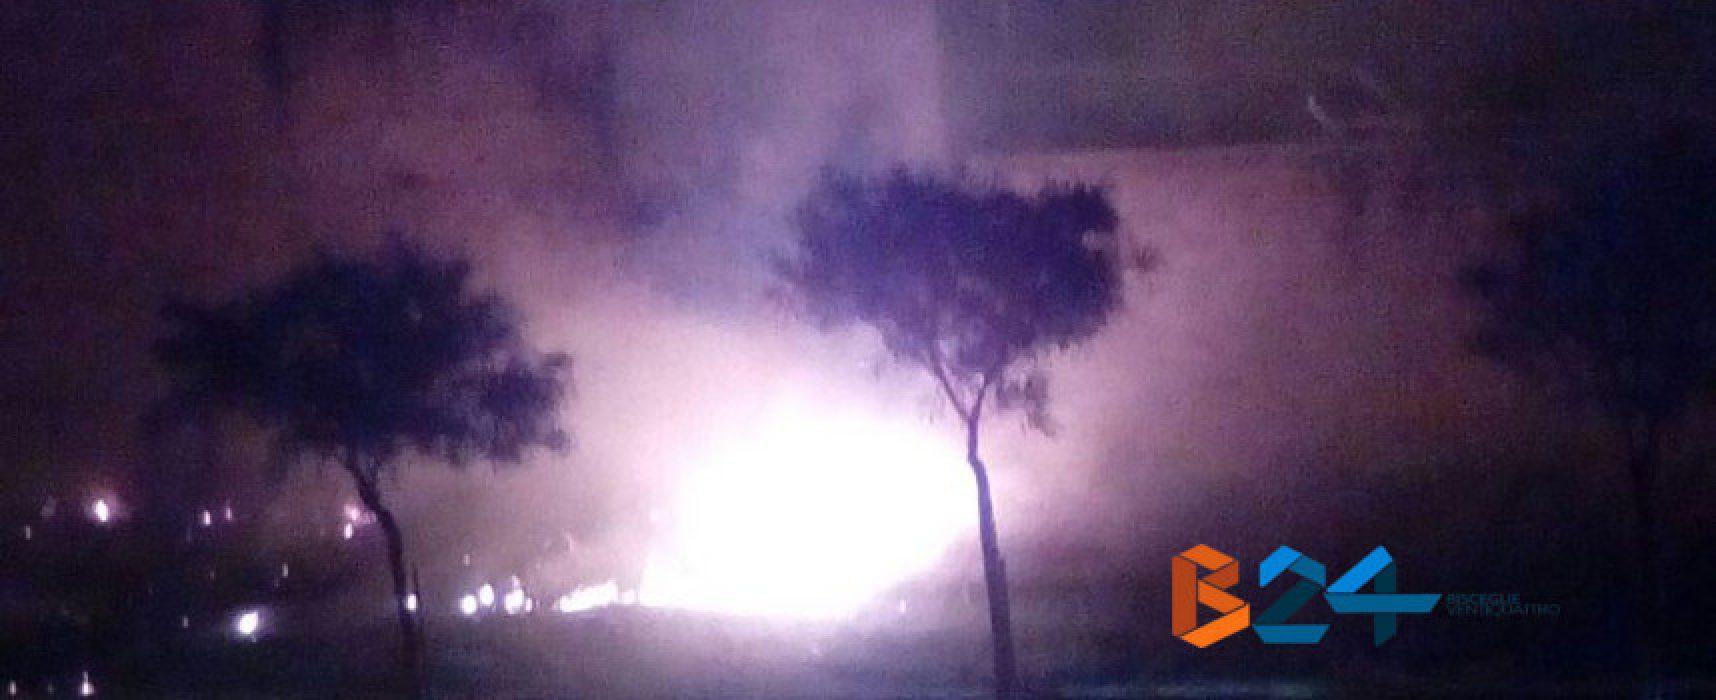 Incendio durante la notte in via Alceo Dossena nella zona 167